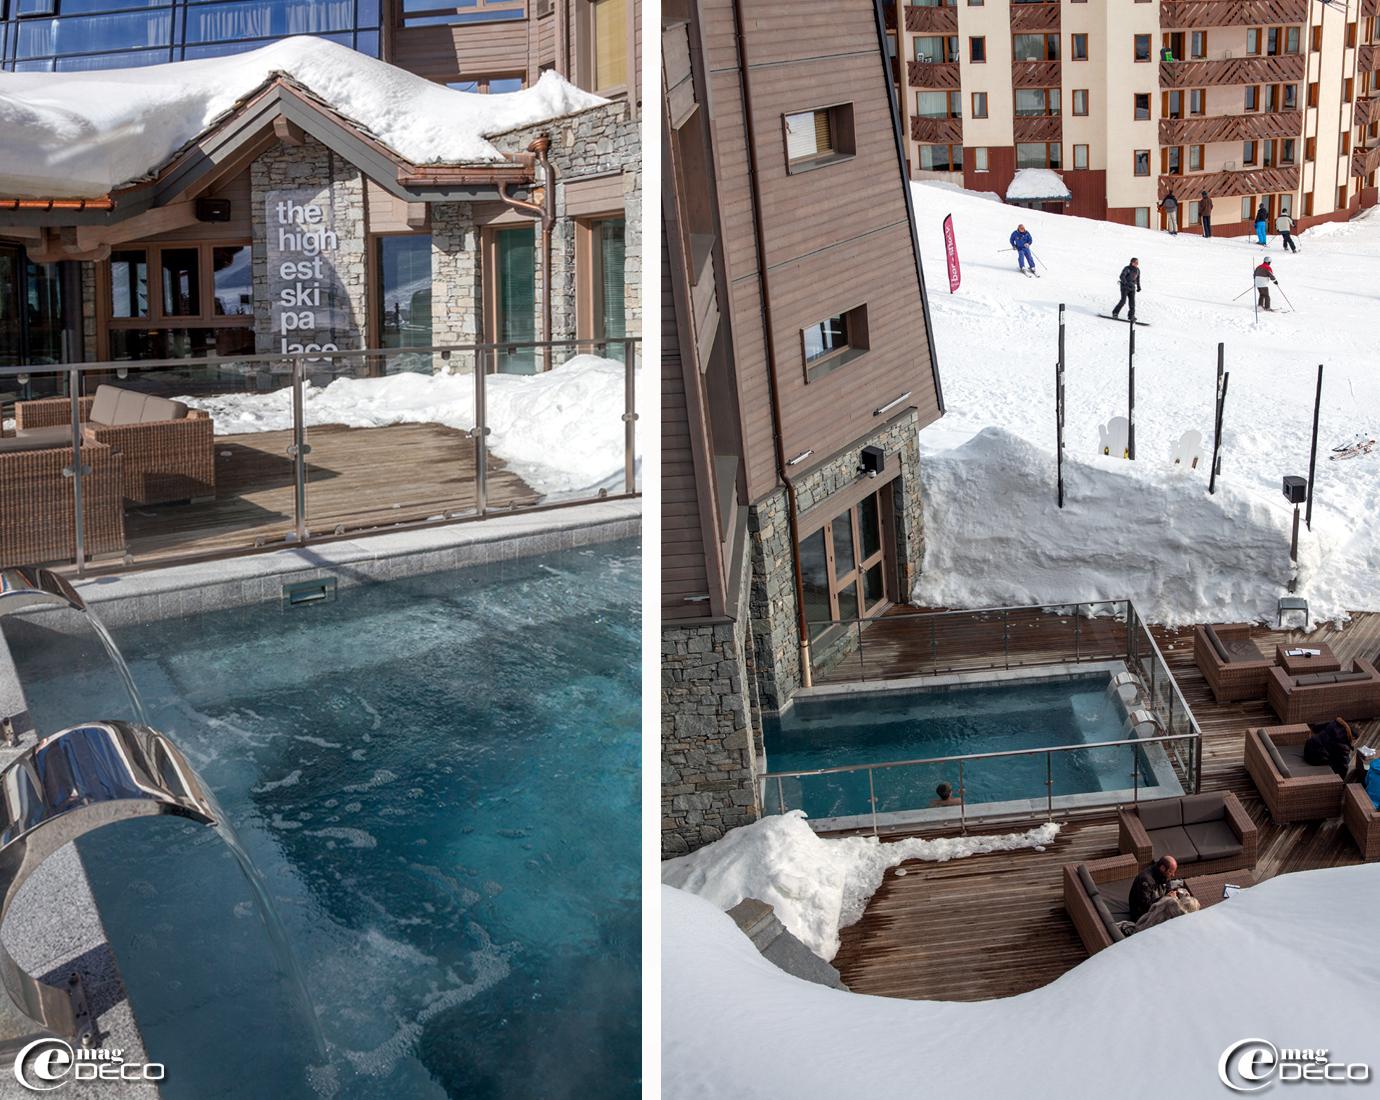 Piscine de l'hôtel cinq étoiles 'Altapura' dans la station de ski Val Thorens